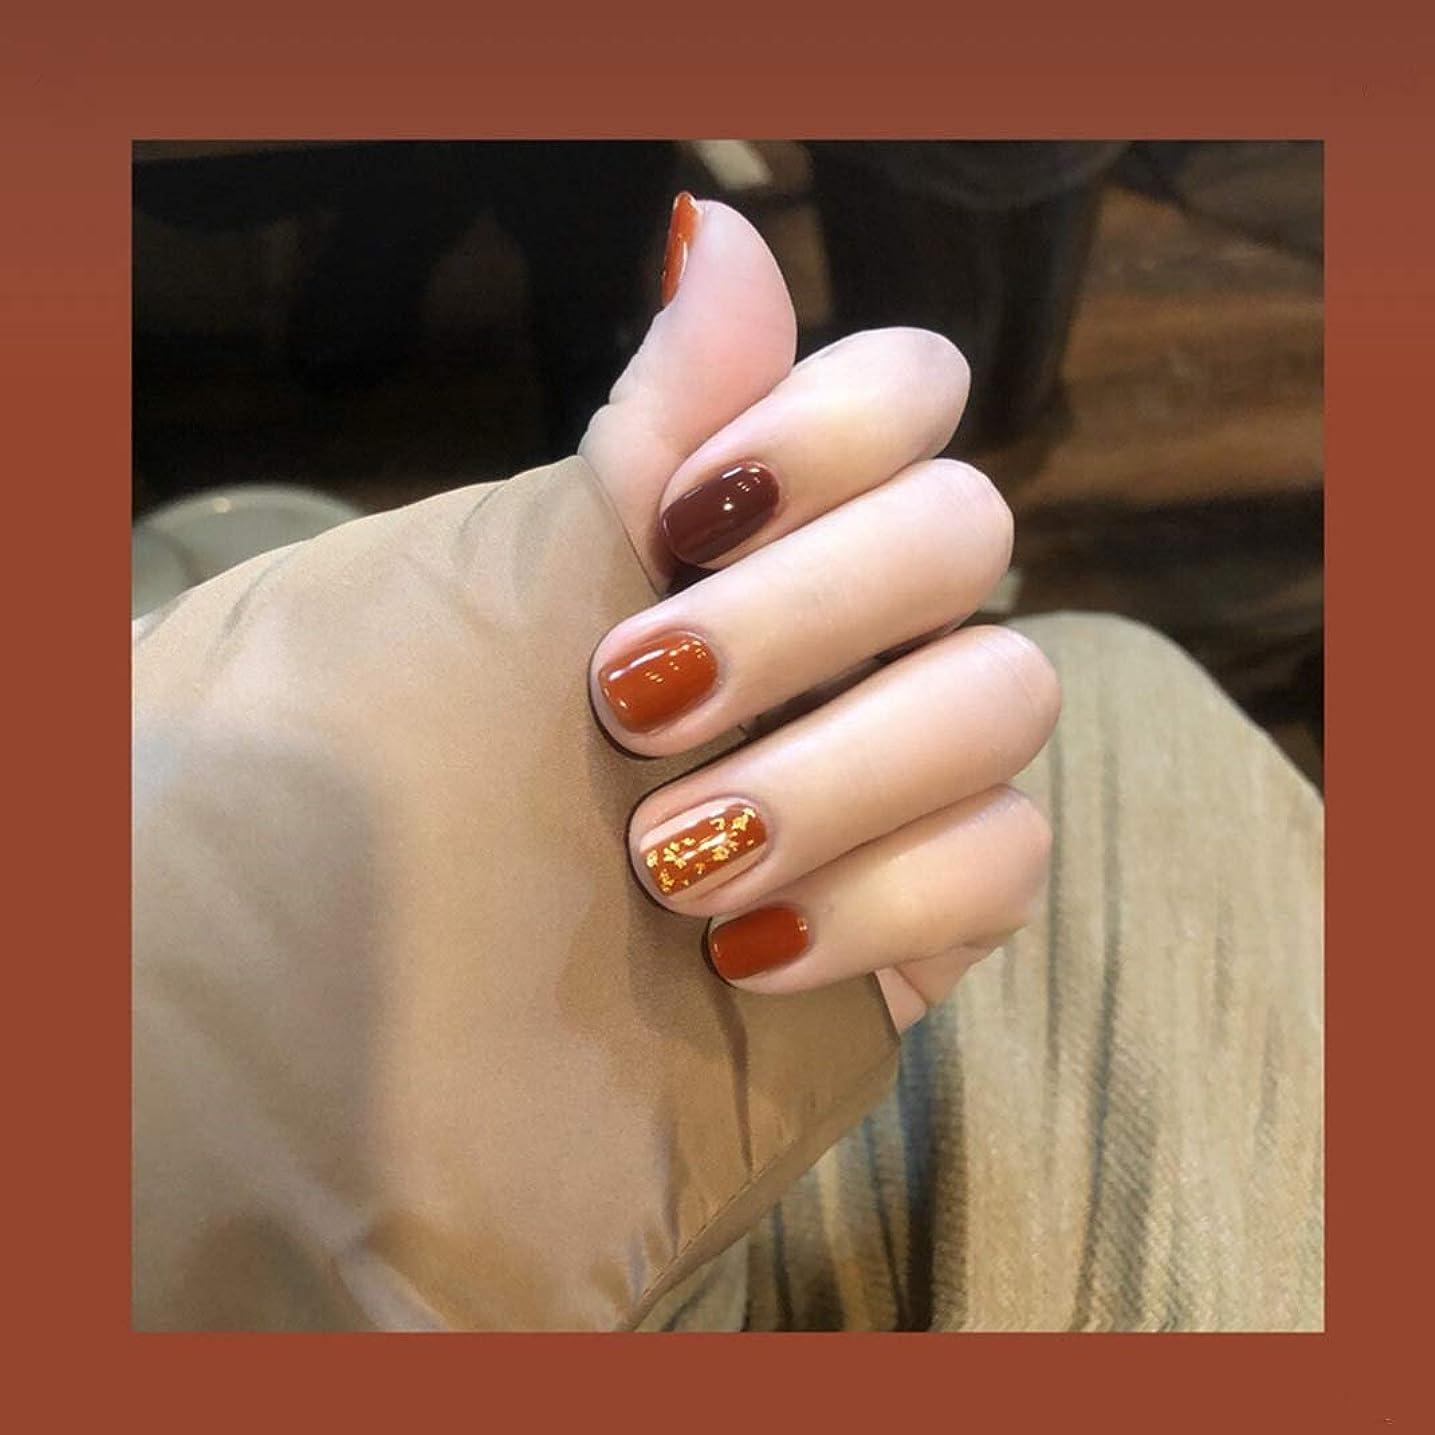 ジャンプリーズ山可愛い優雅ネイル 女性気質 手作りネイルチップ 24枚入 簡単に爪を取り除くことができます フレンチネイルチップ 二次会ネイルチップ 結婚式ネイルチップ (キャラメル色)